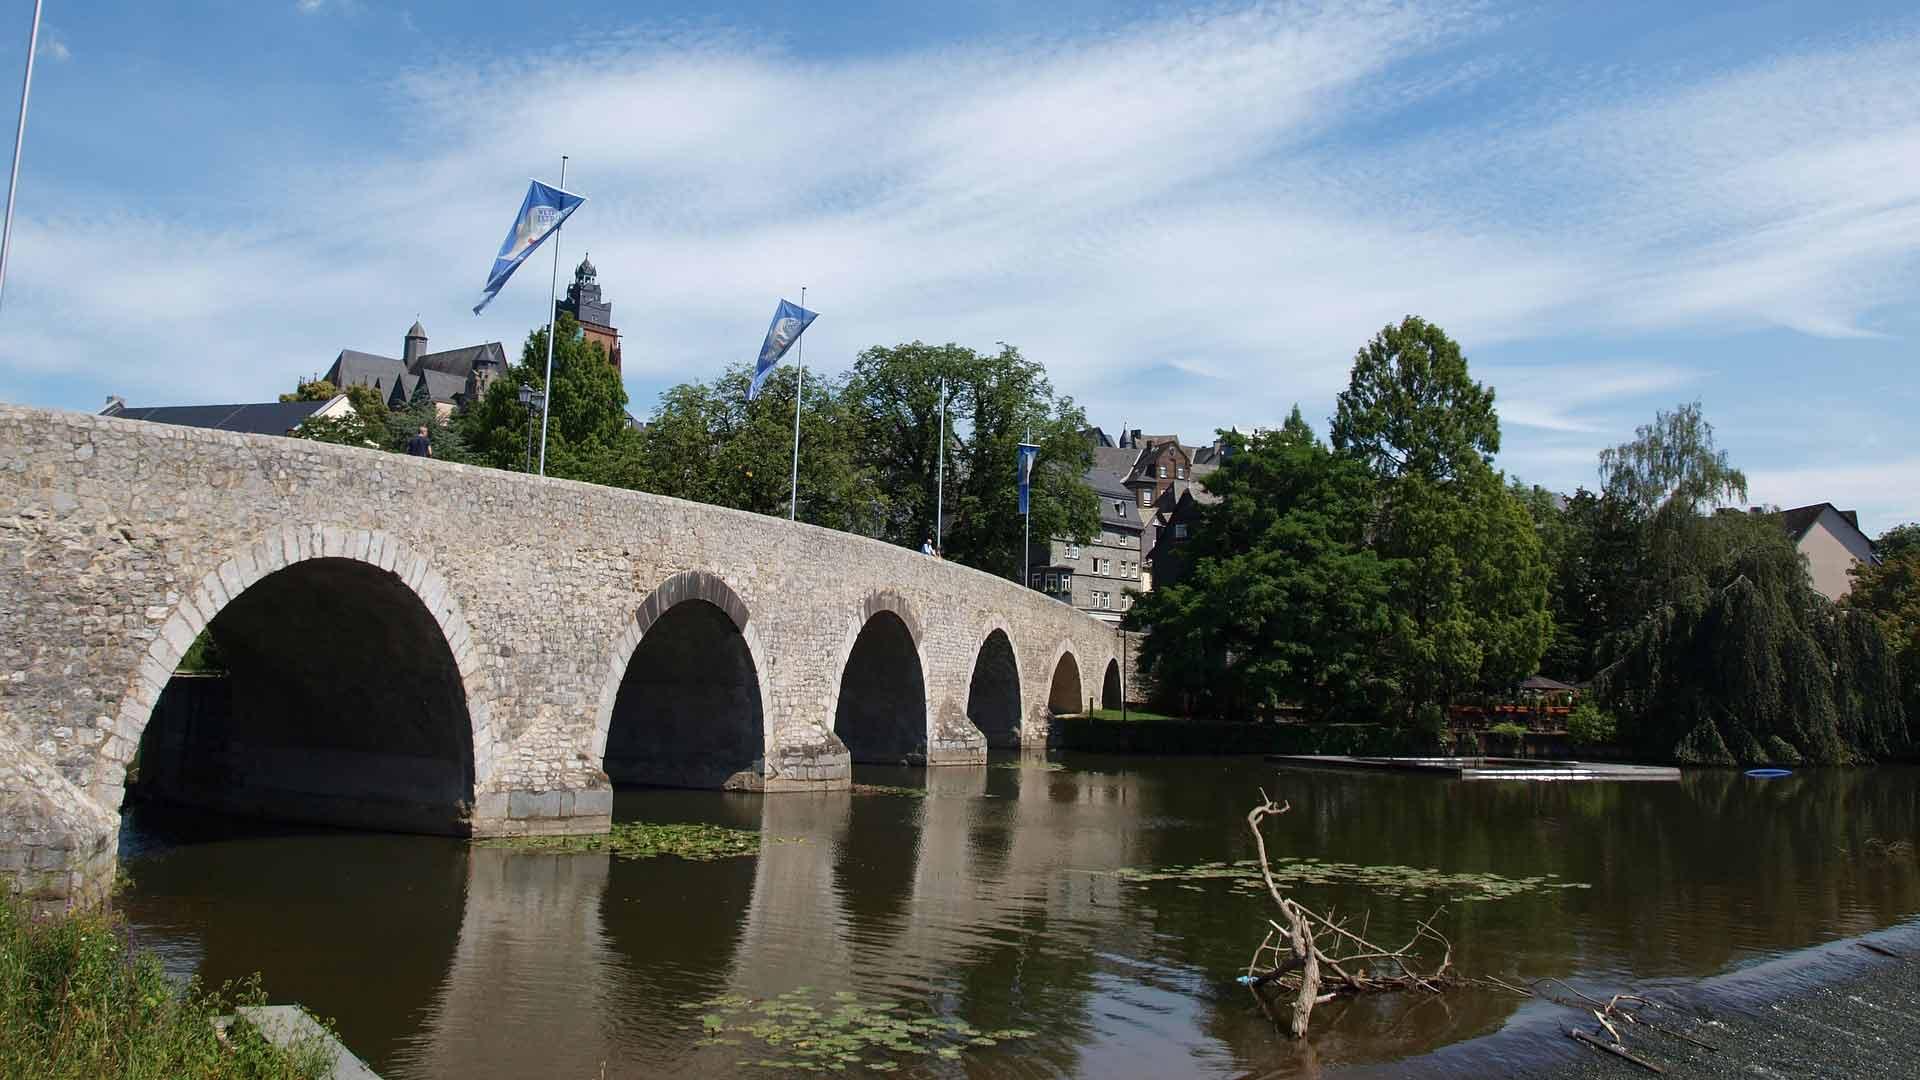 De oude brug over de Lahn in Wetzlar.